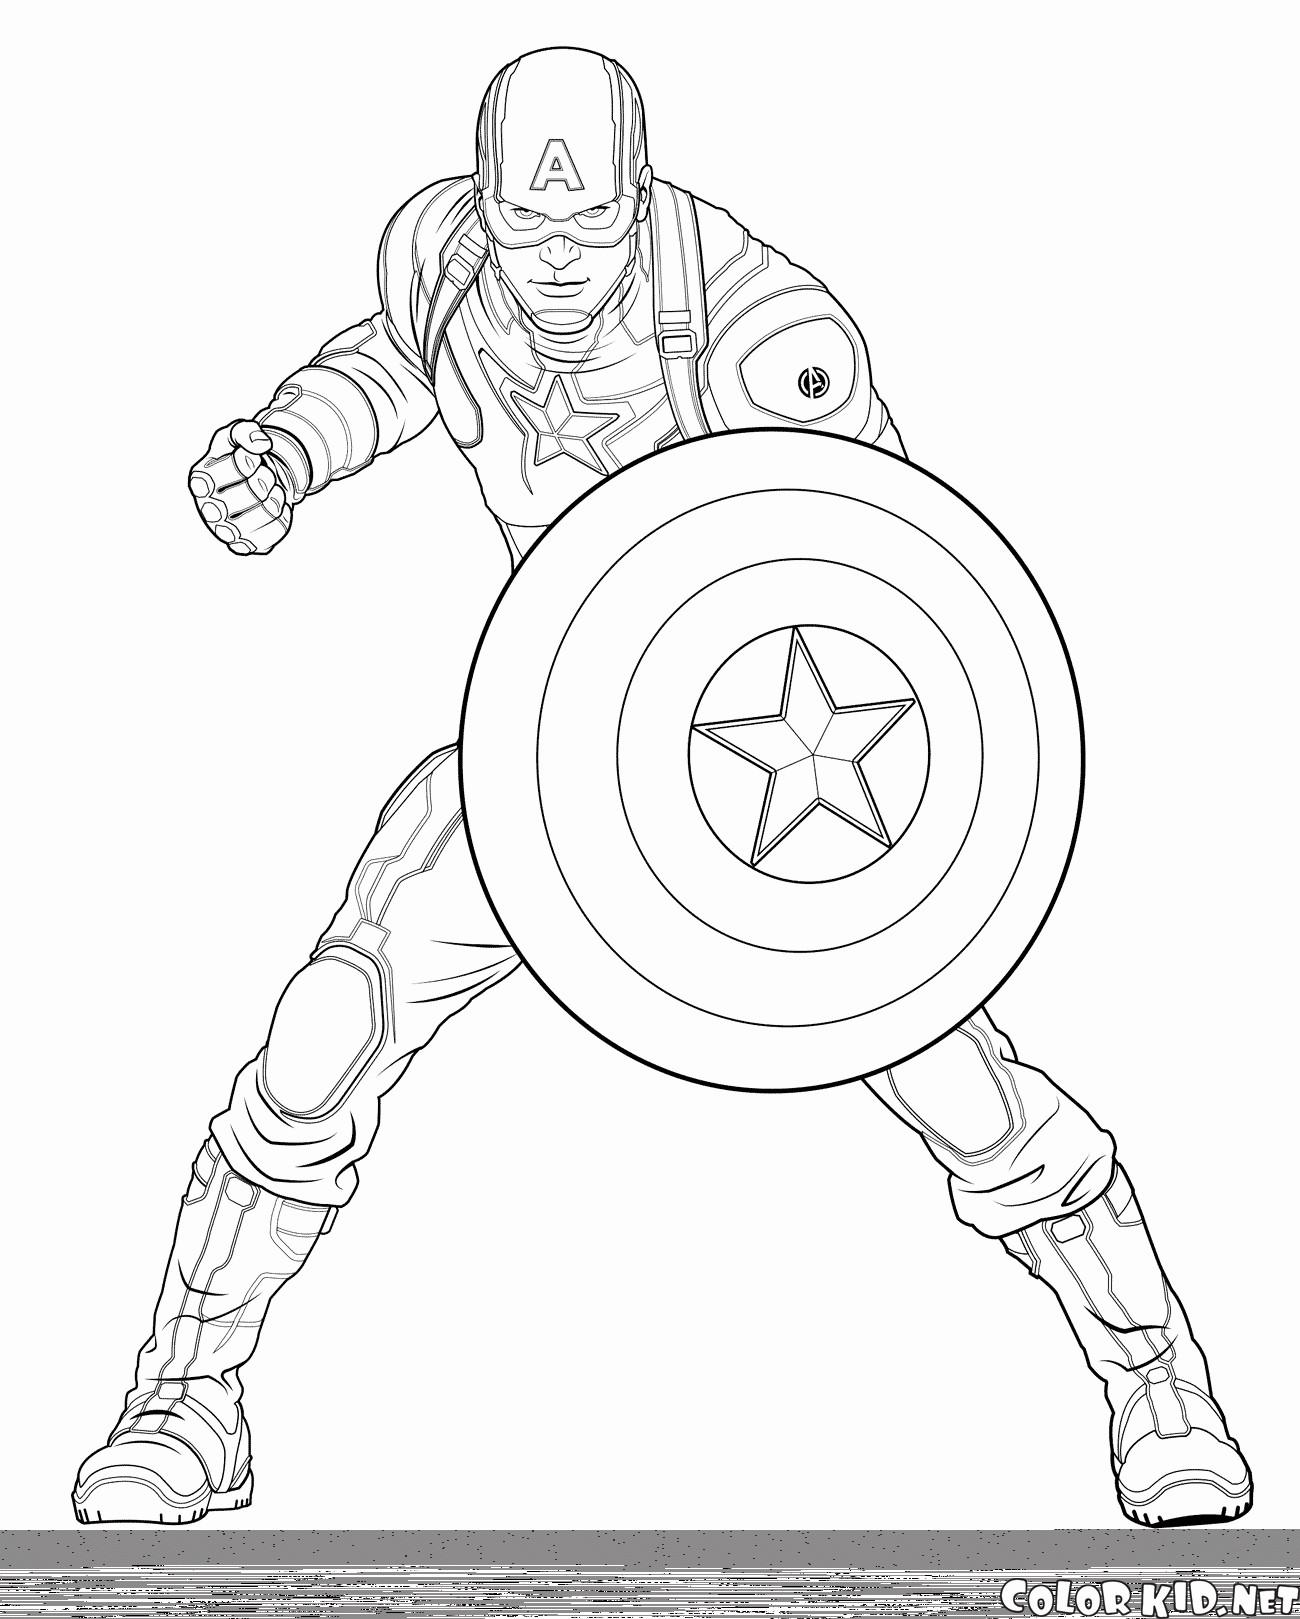 Avengers Ausmalbilder Zum Ausdrucken Neu Avengers Ausmalbilder Zum Ausdrucken Frisch 15 Avengers Malvorlagen Bilder